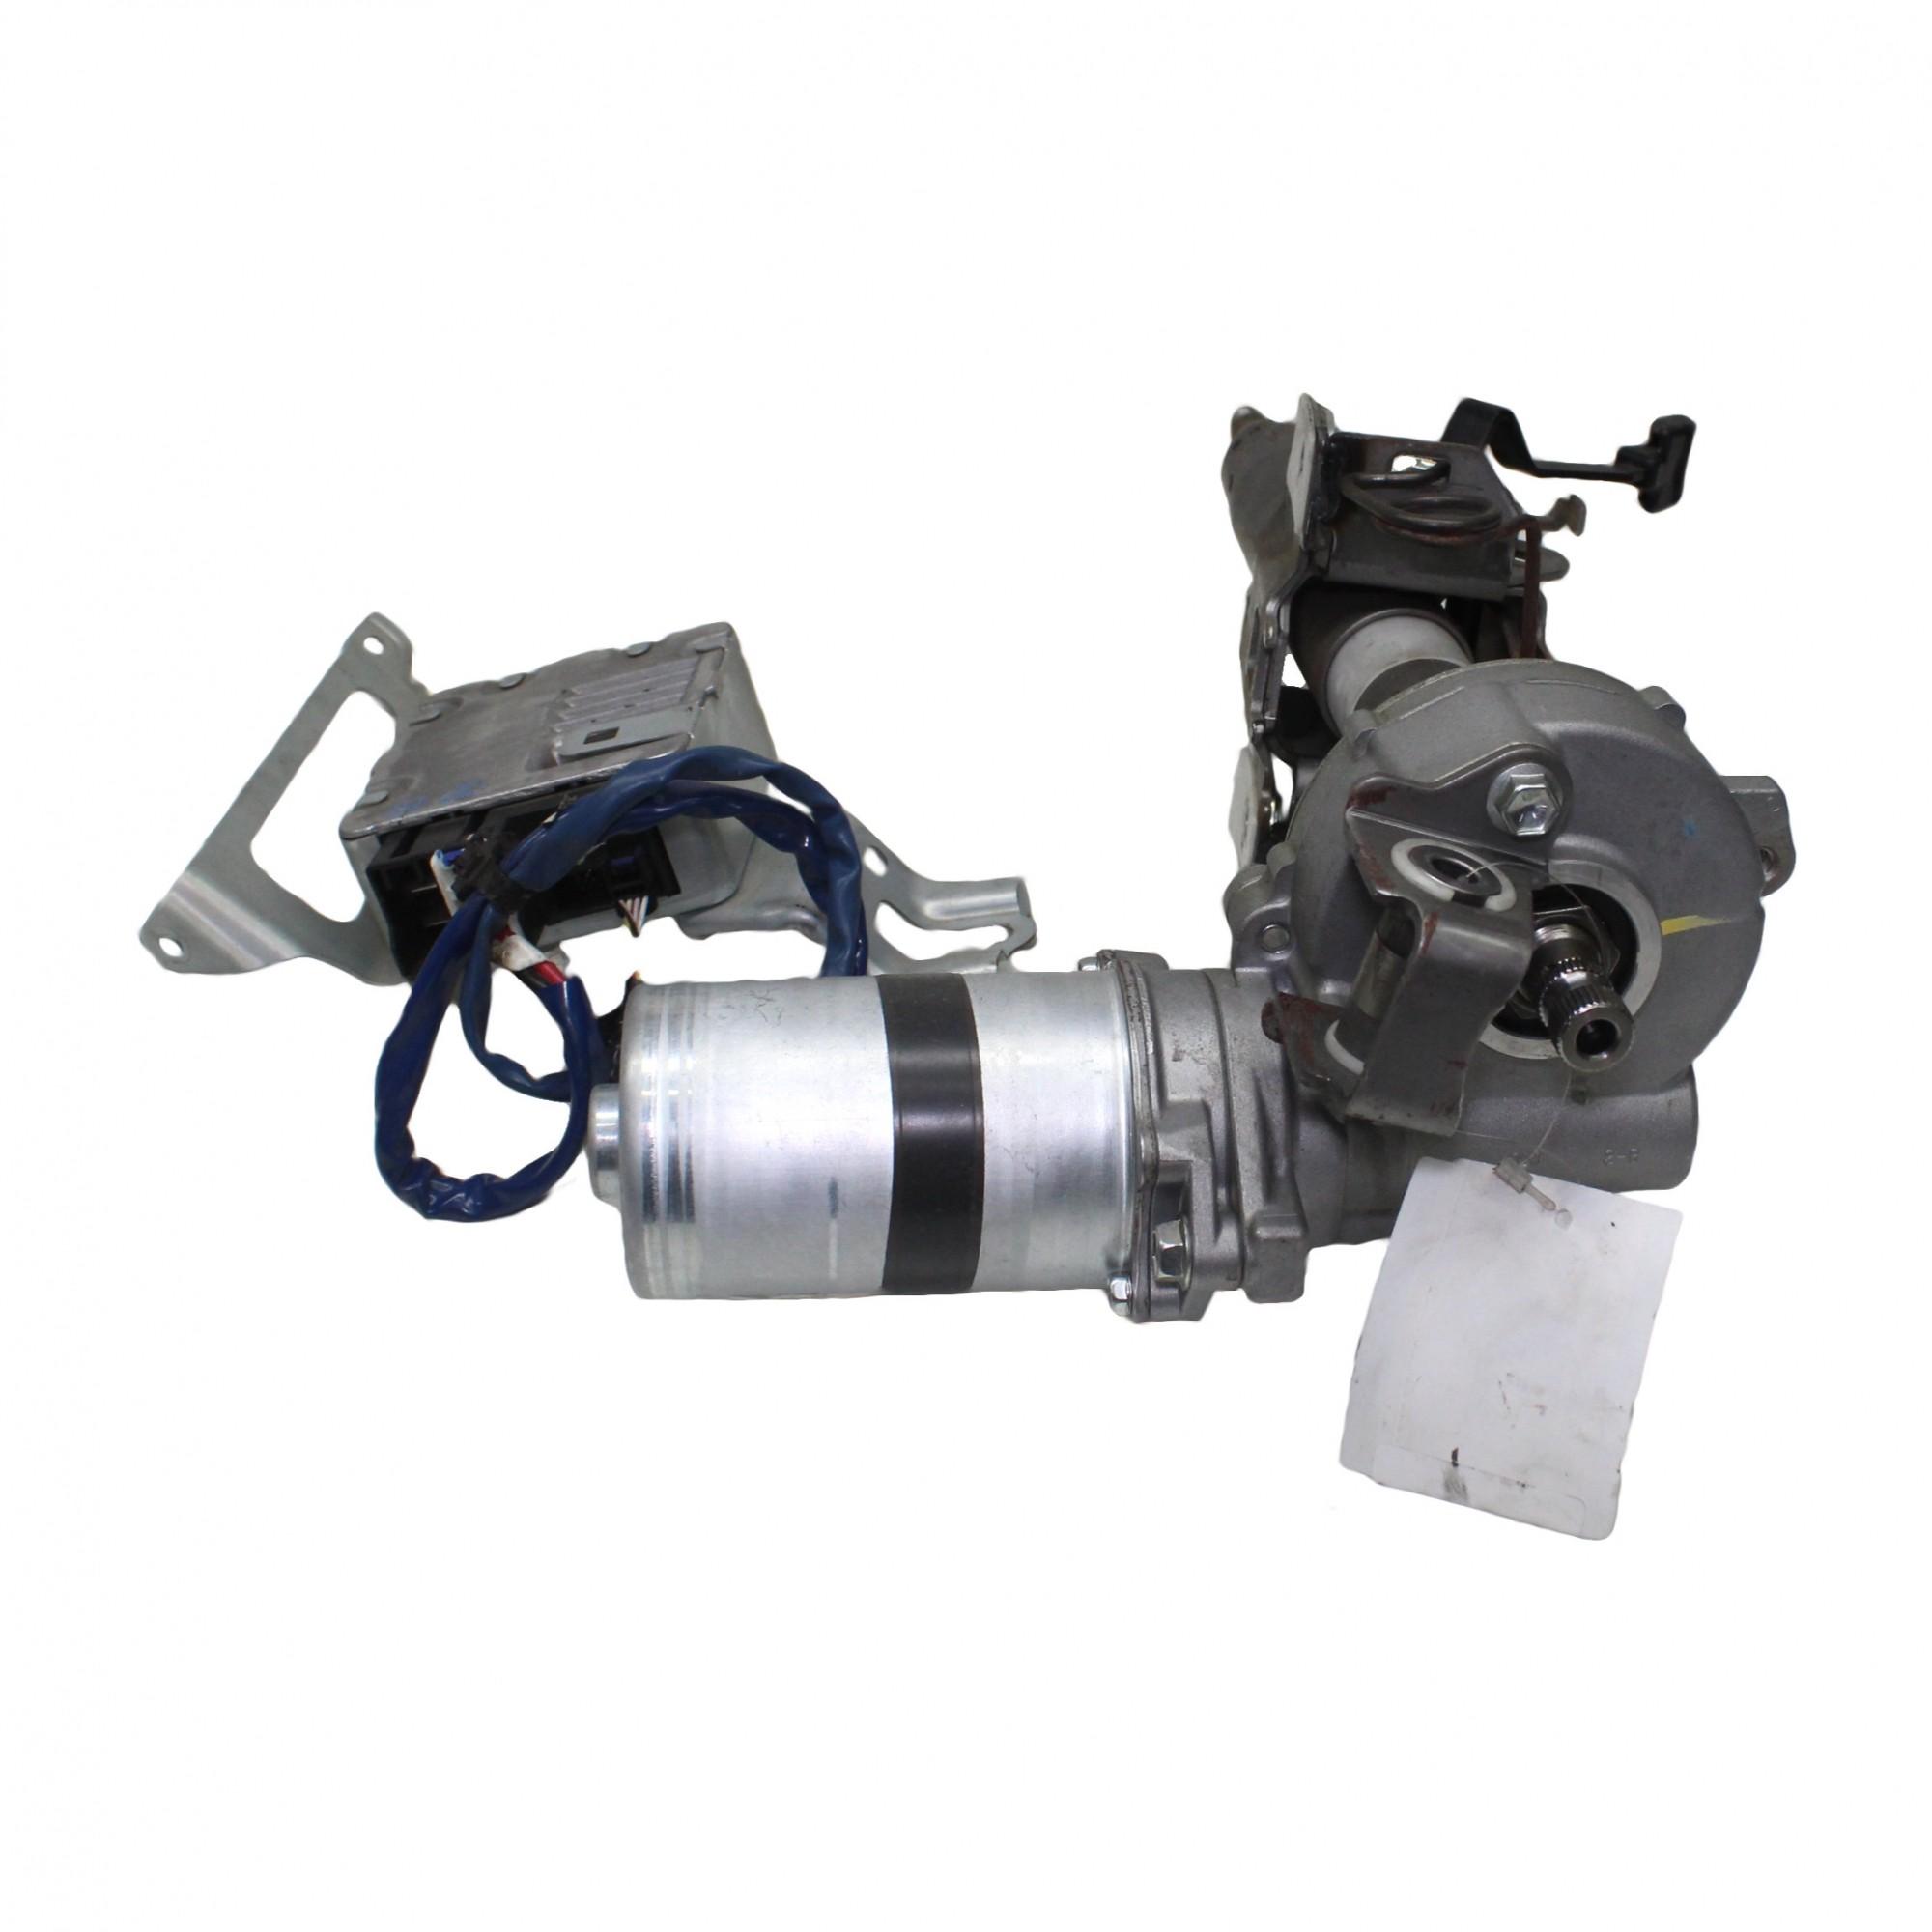 Motor Coluna Direção Elétrica Corolla 09...14 c/ Modulo - Usado